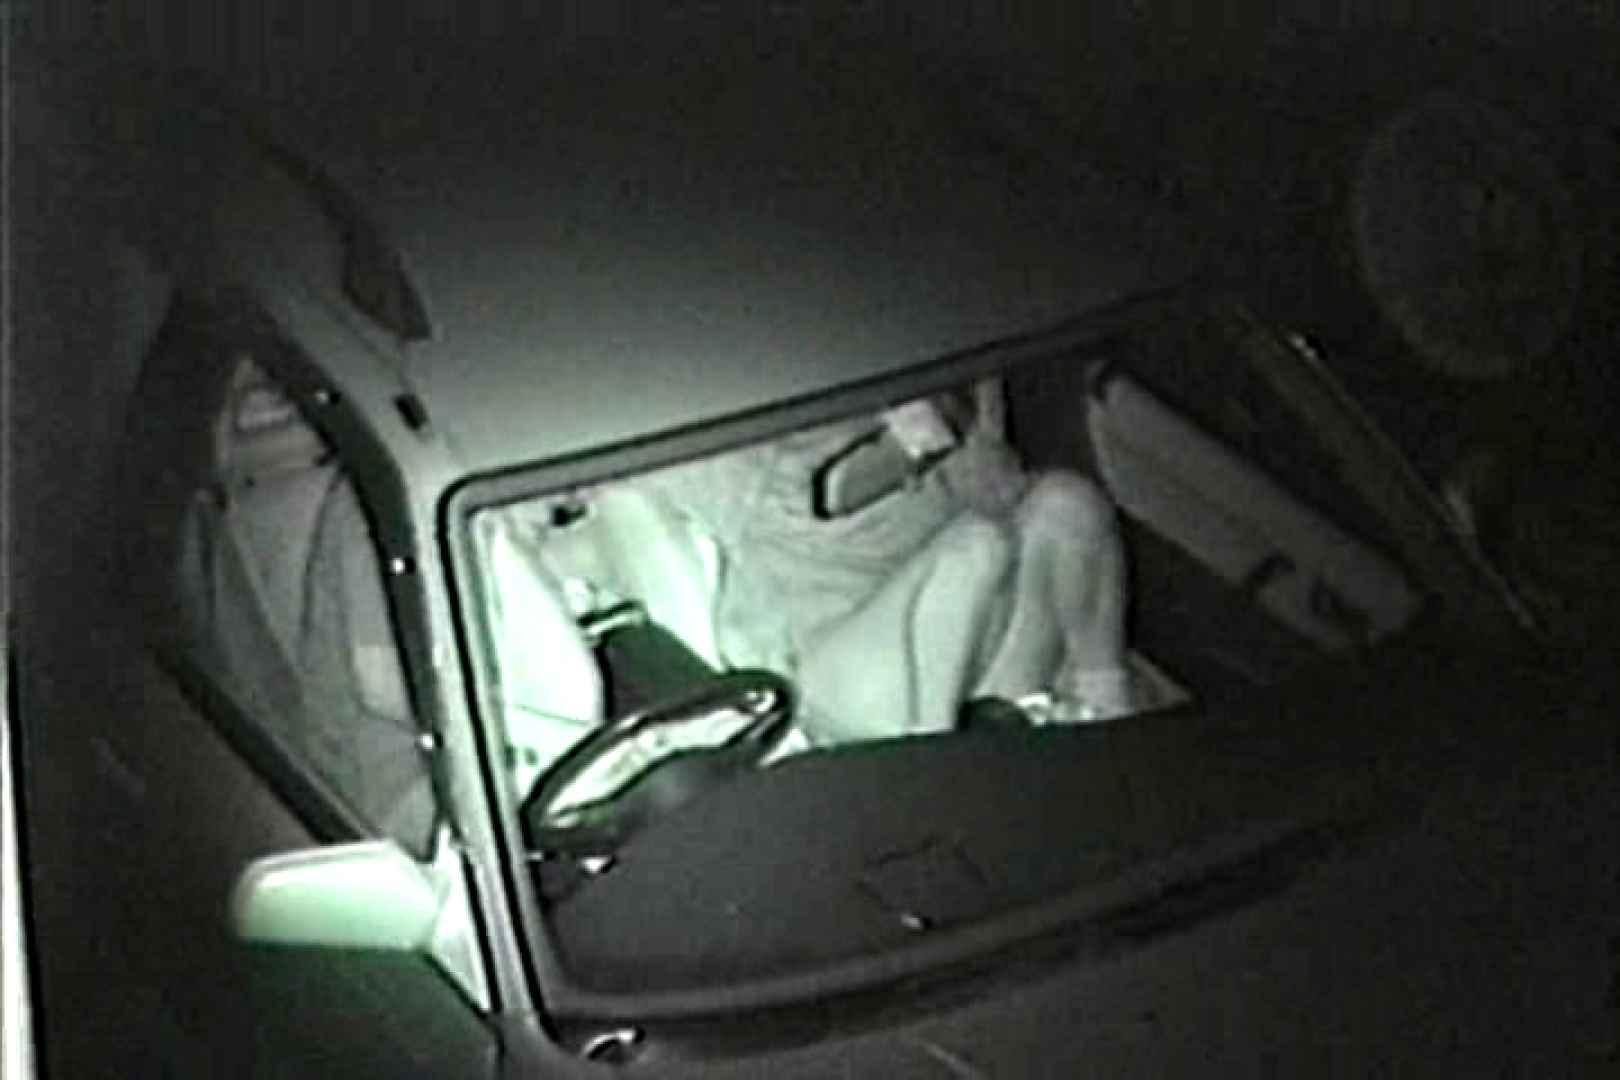 車の中はラブホテル 無修正版  Vol.7 カーセックス アダルト動画キャプチャ 41pic 14